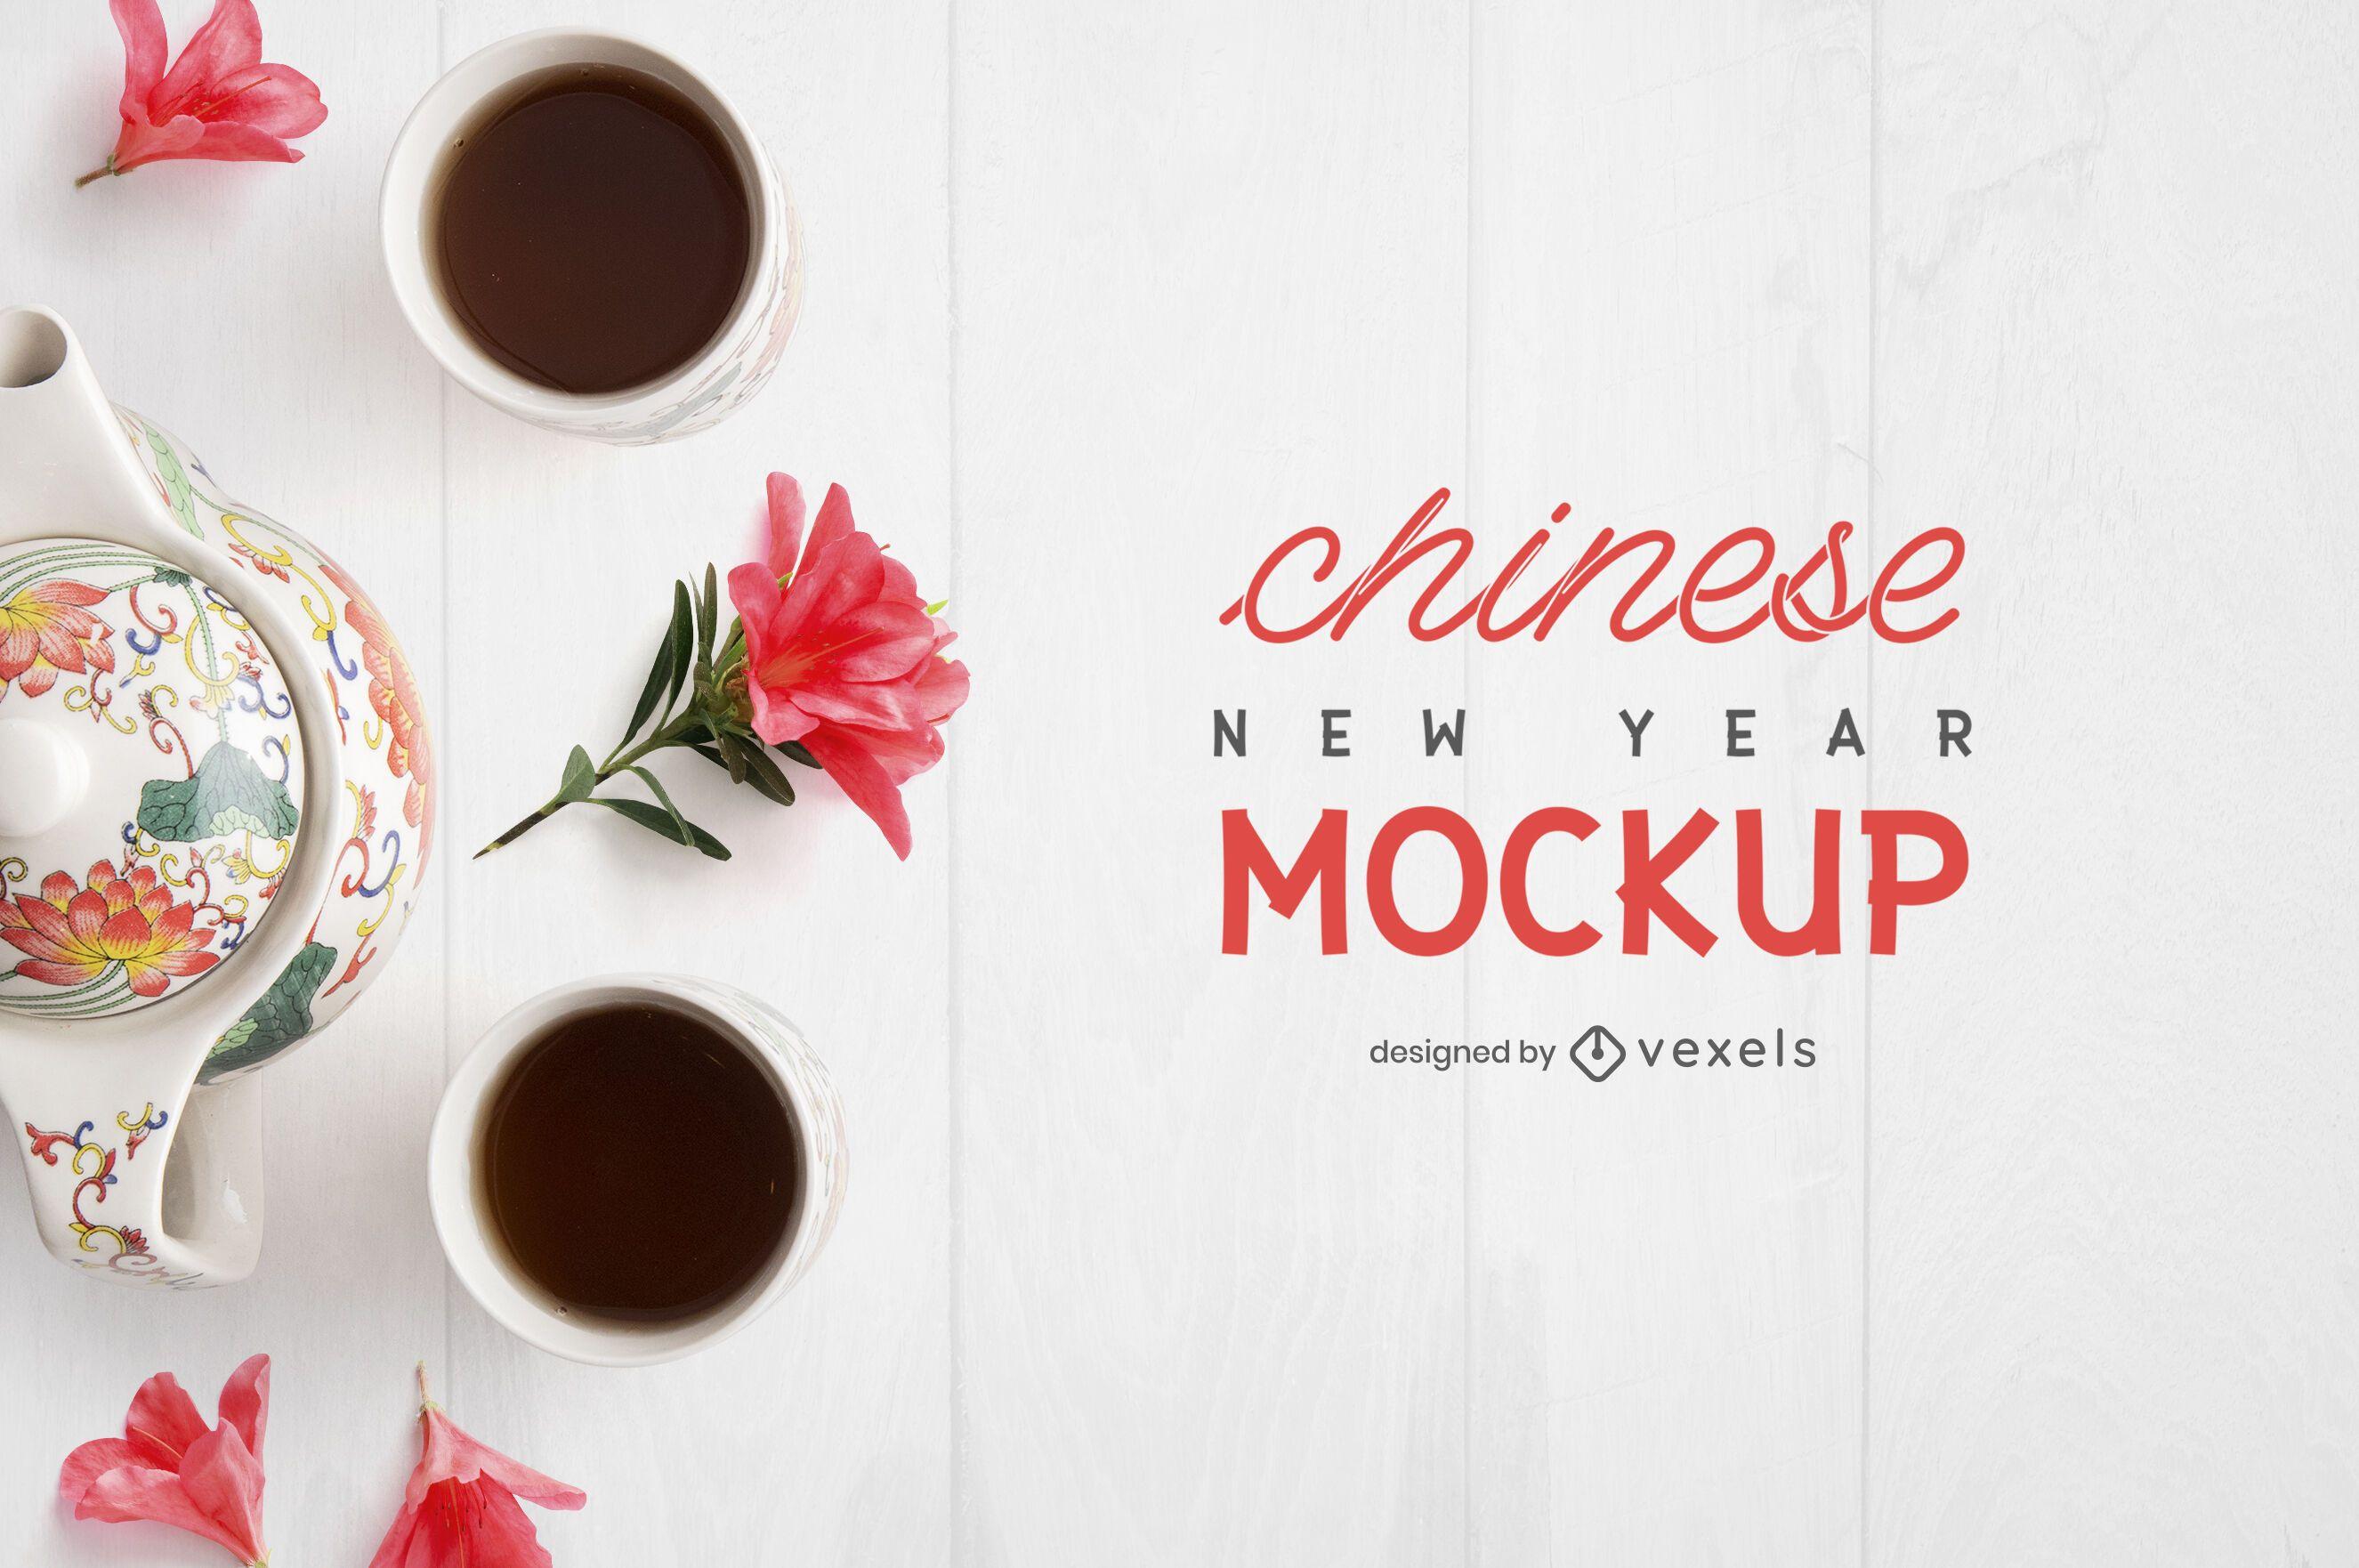 Composición de maqueta de té chino